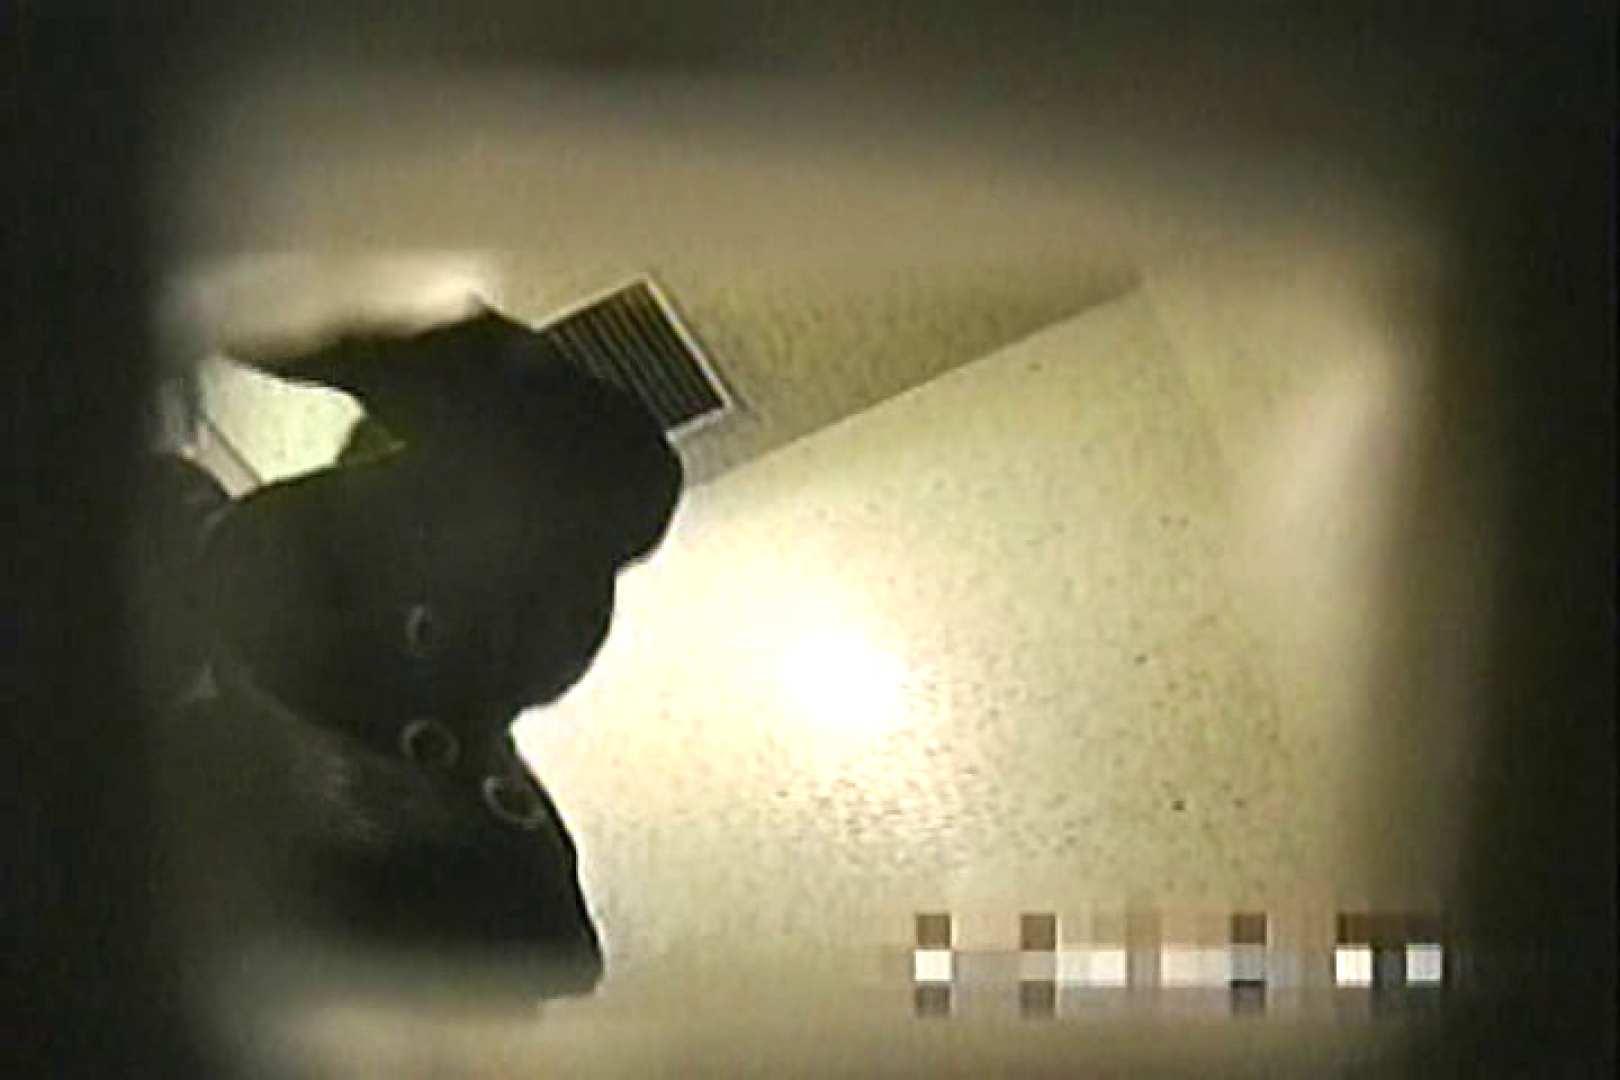 女子洗面所盗撮 今度の2カメは若い子だらけ  TK-127 盗撮 | 洗面所  73PIX 41